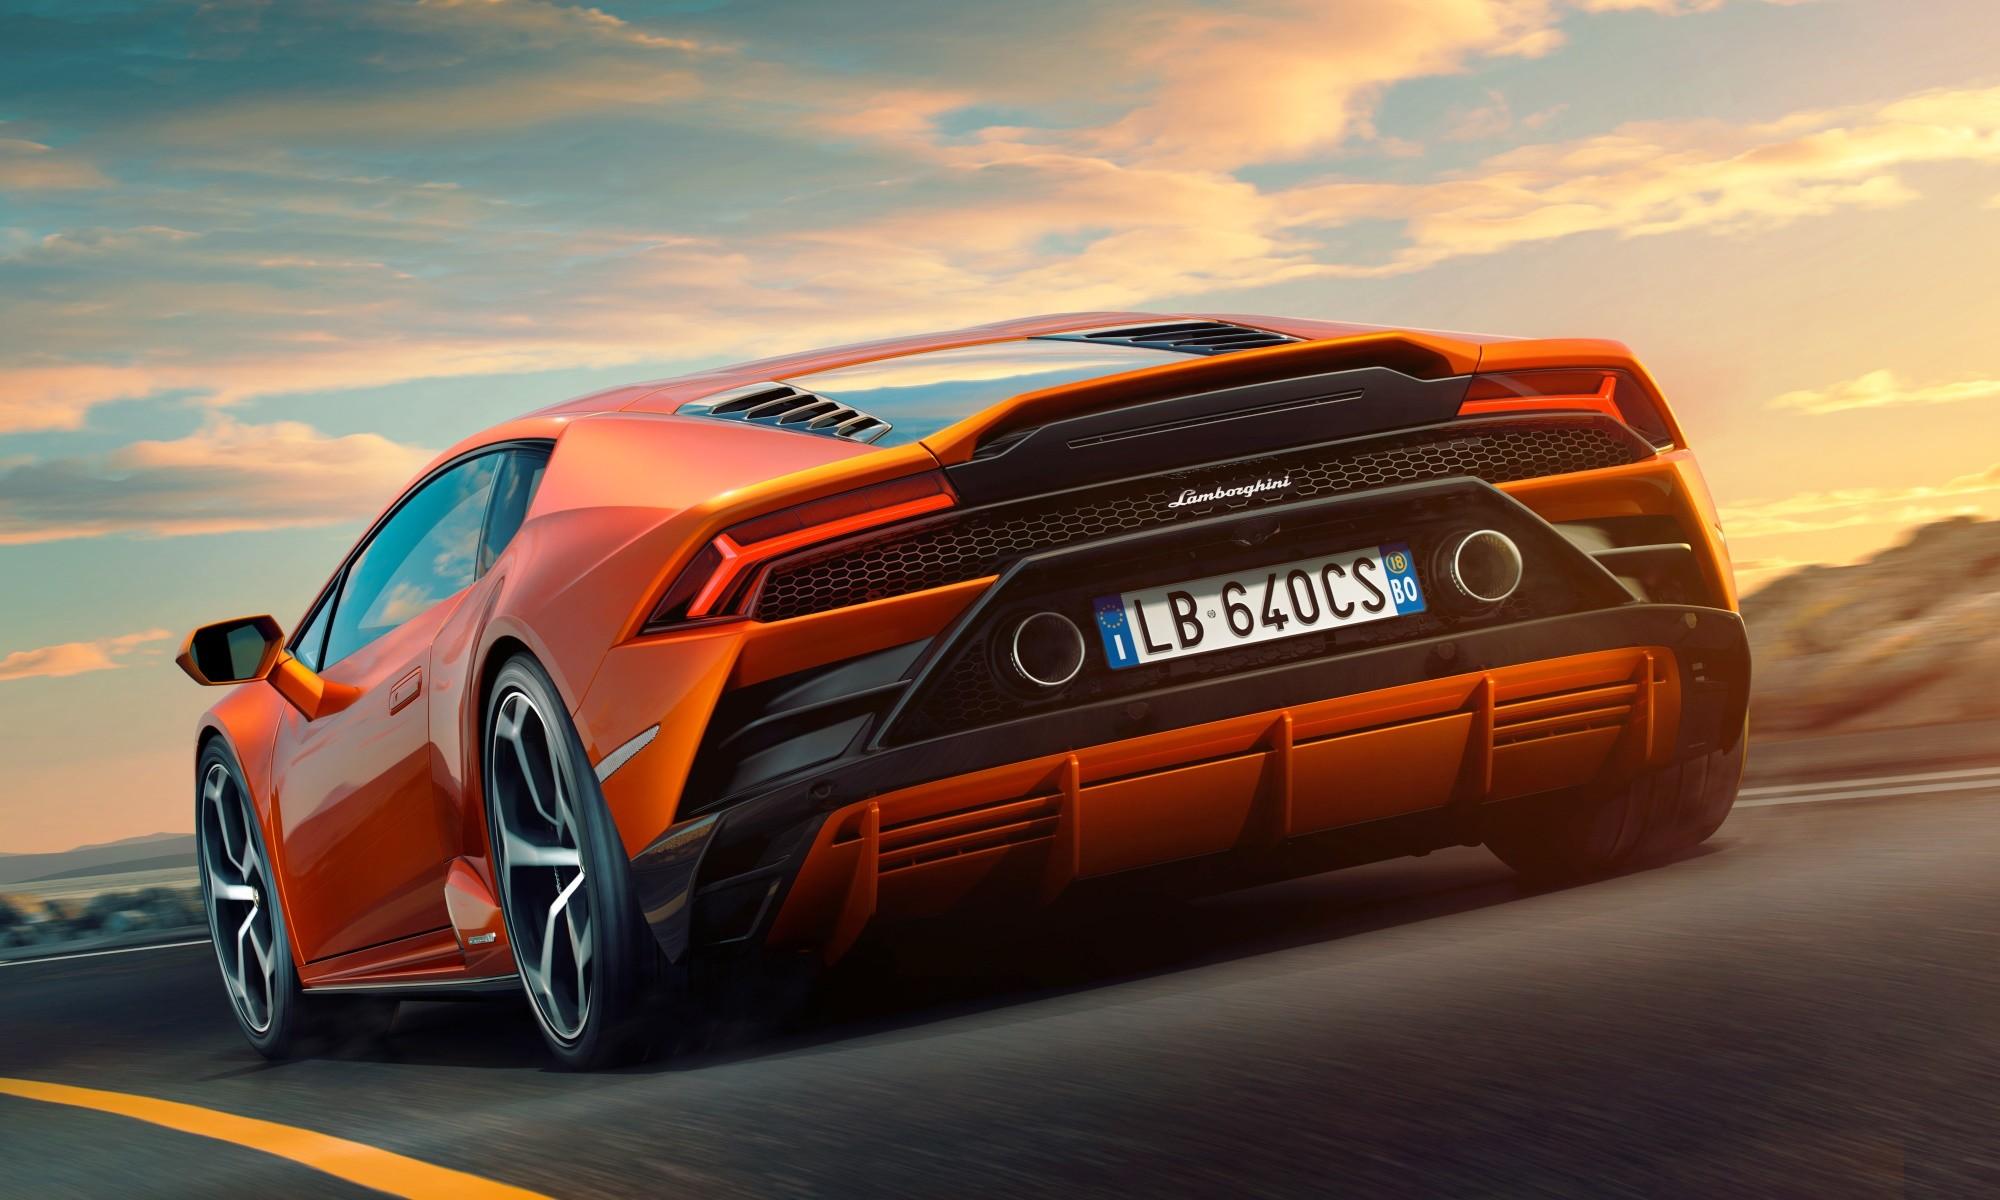 Lamborghini Huracan Evo rear